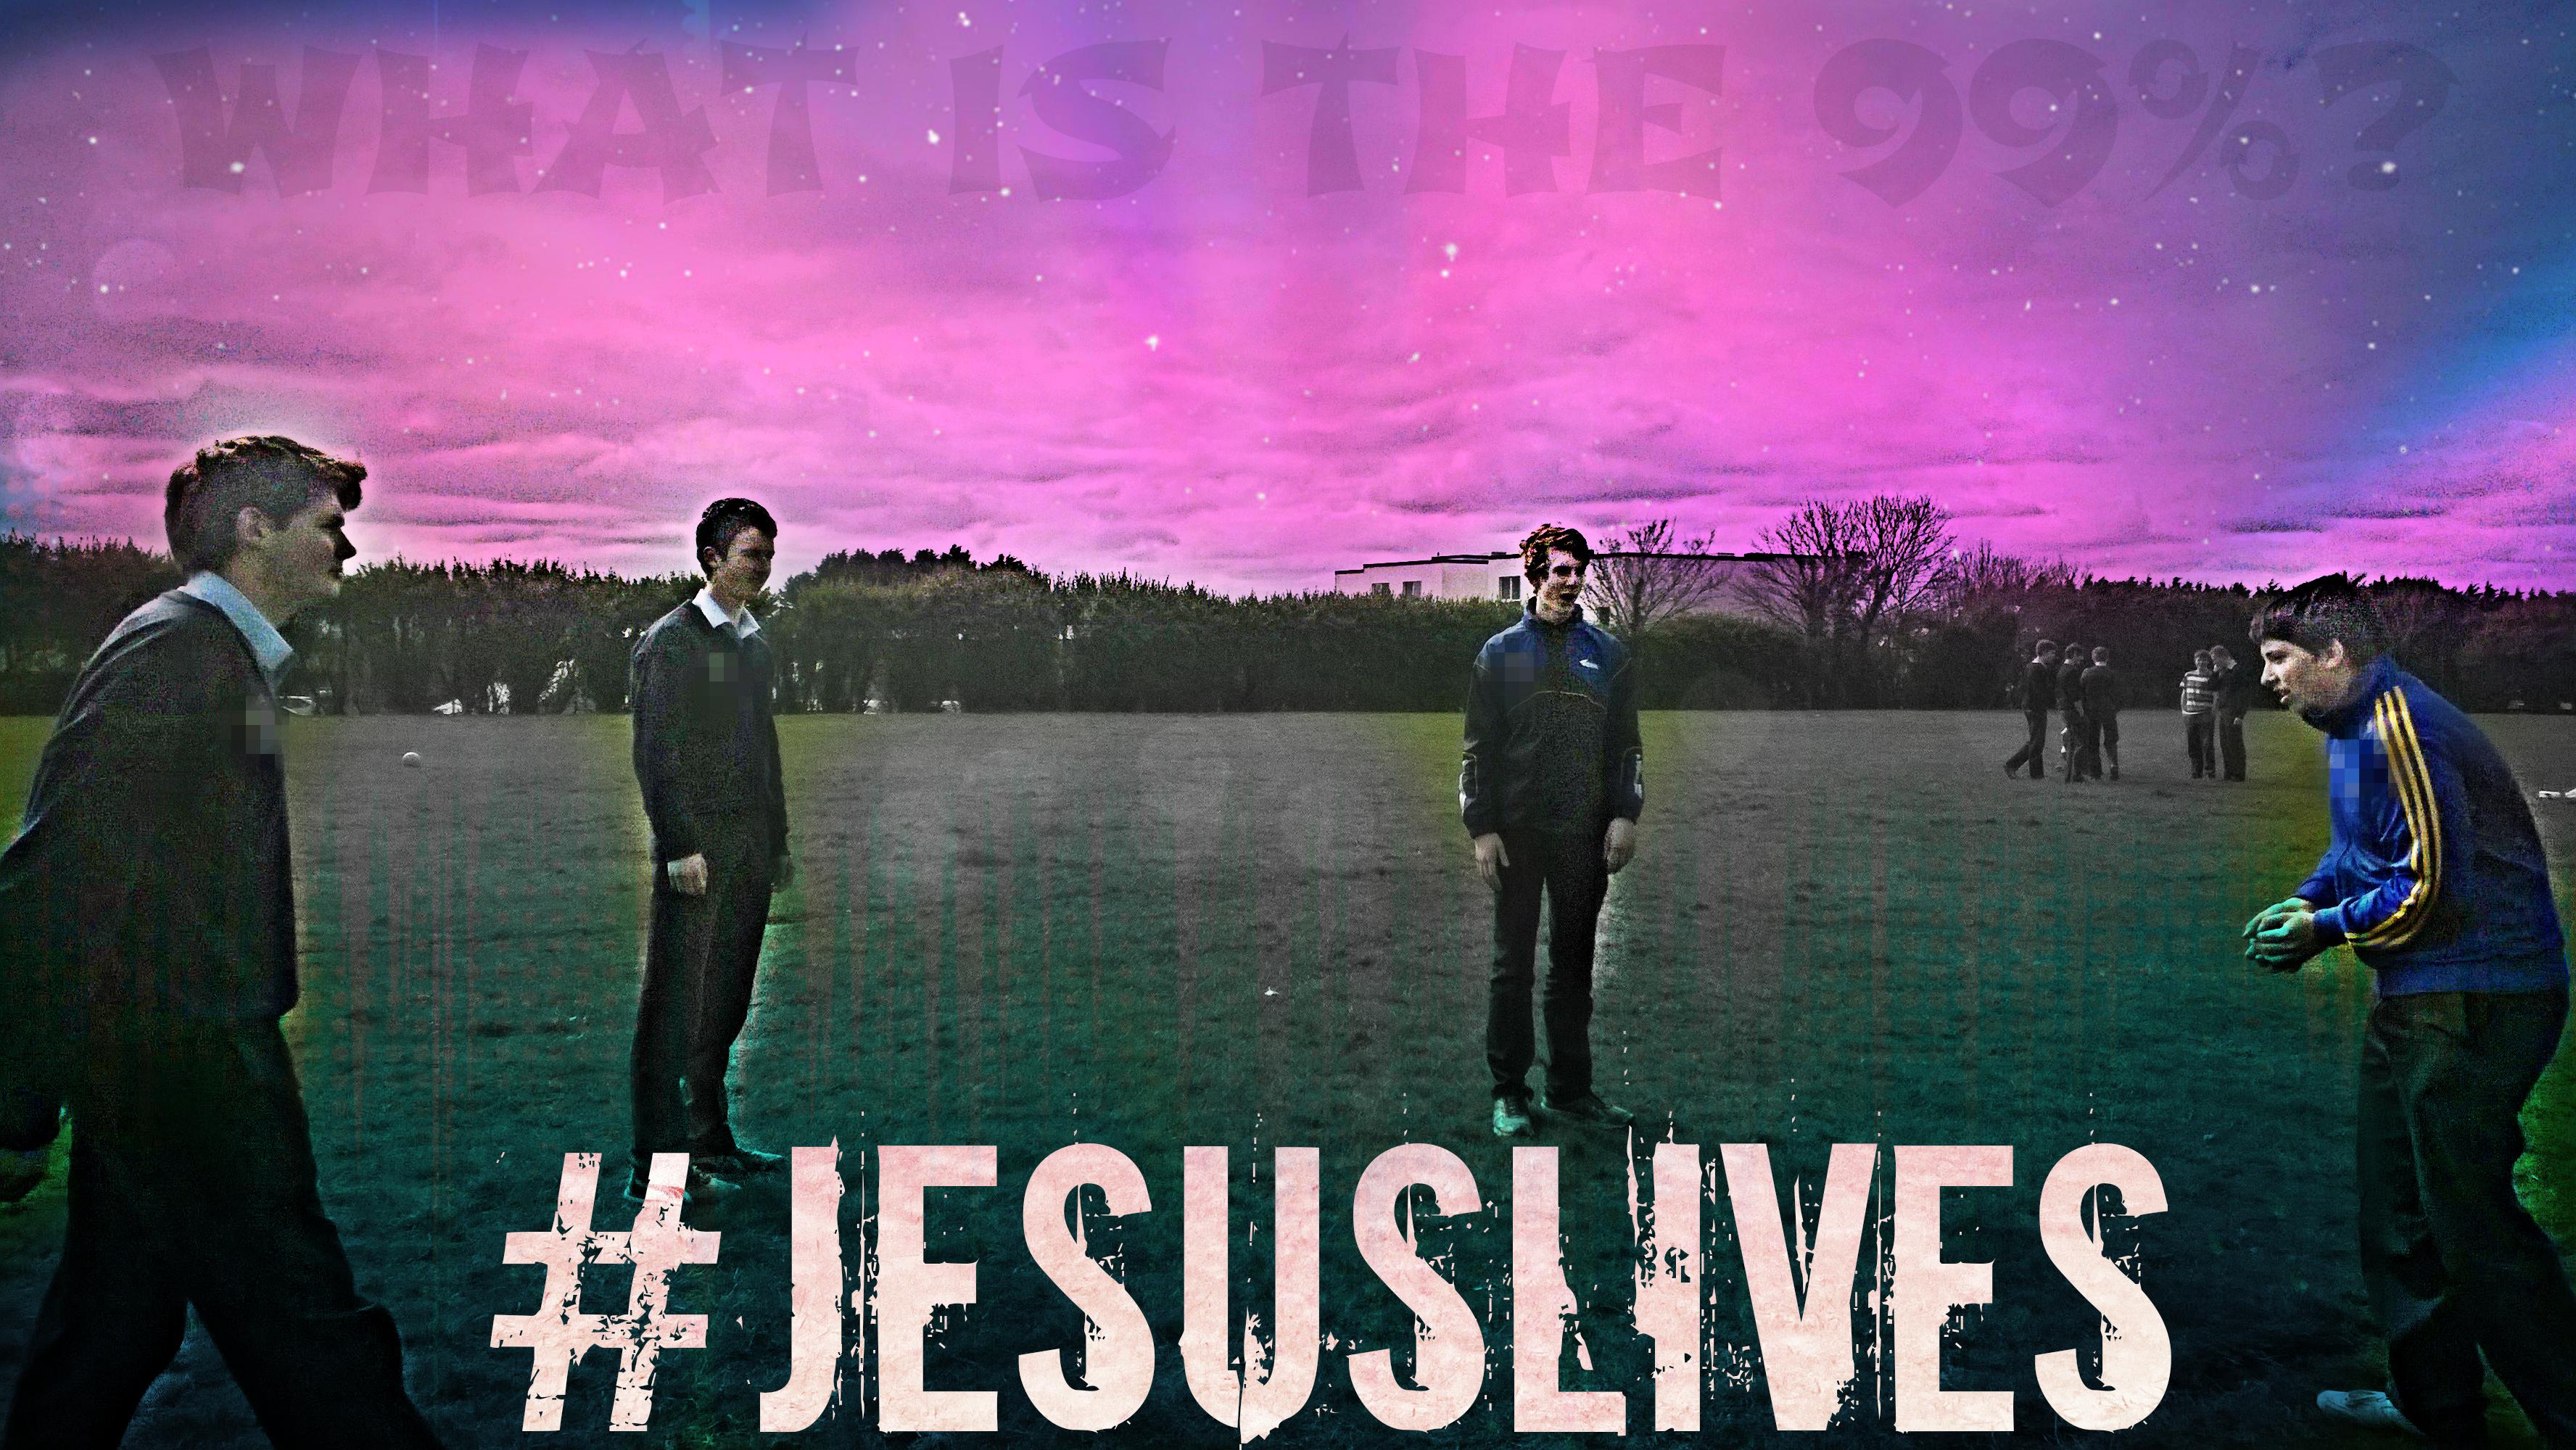 JL185: Jesus Dies